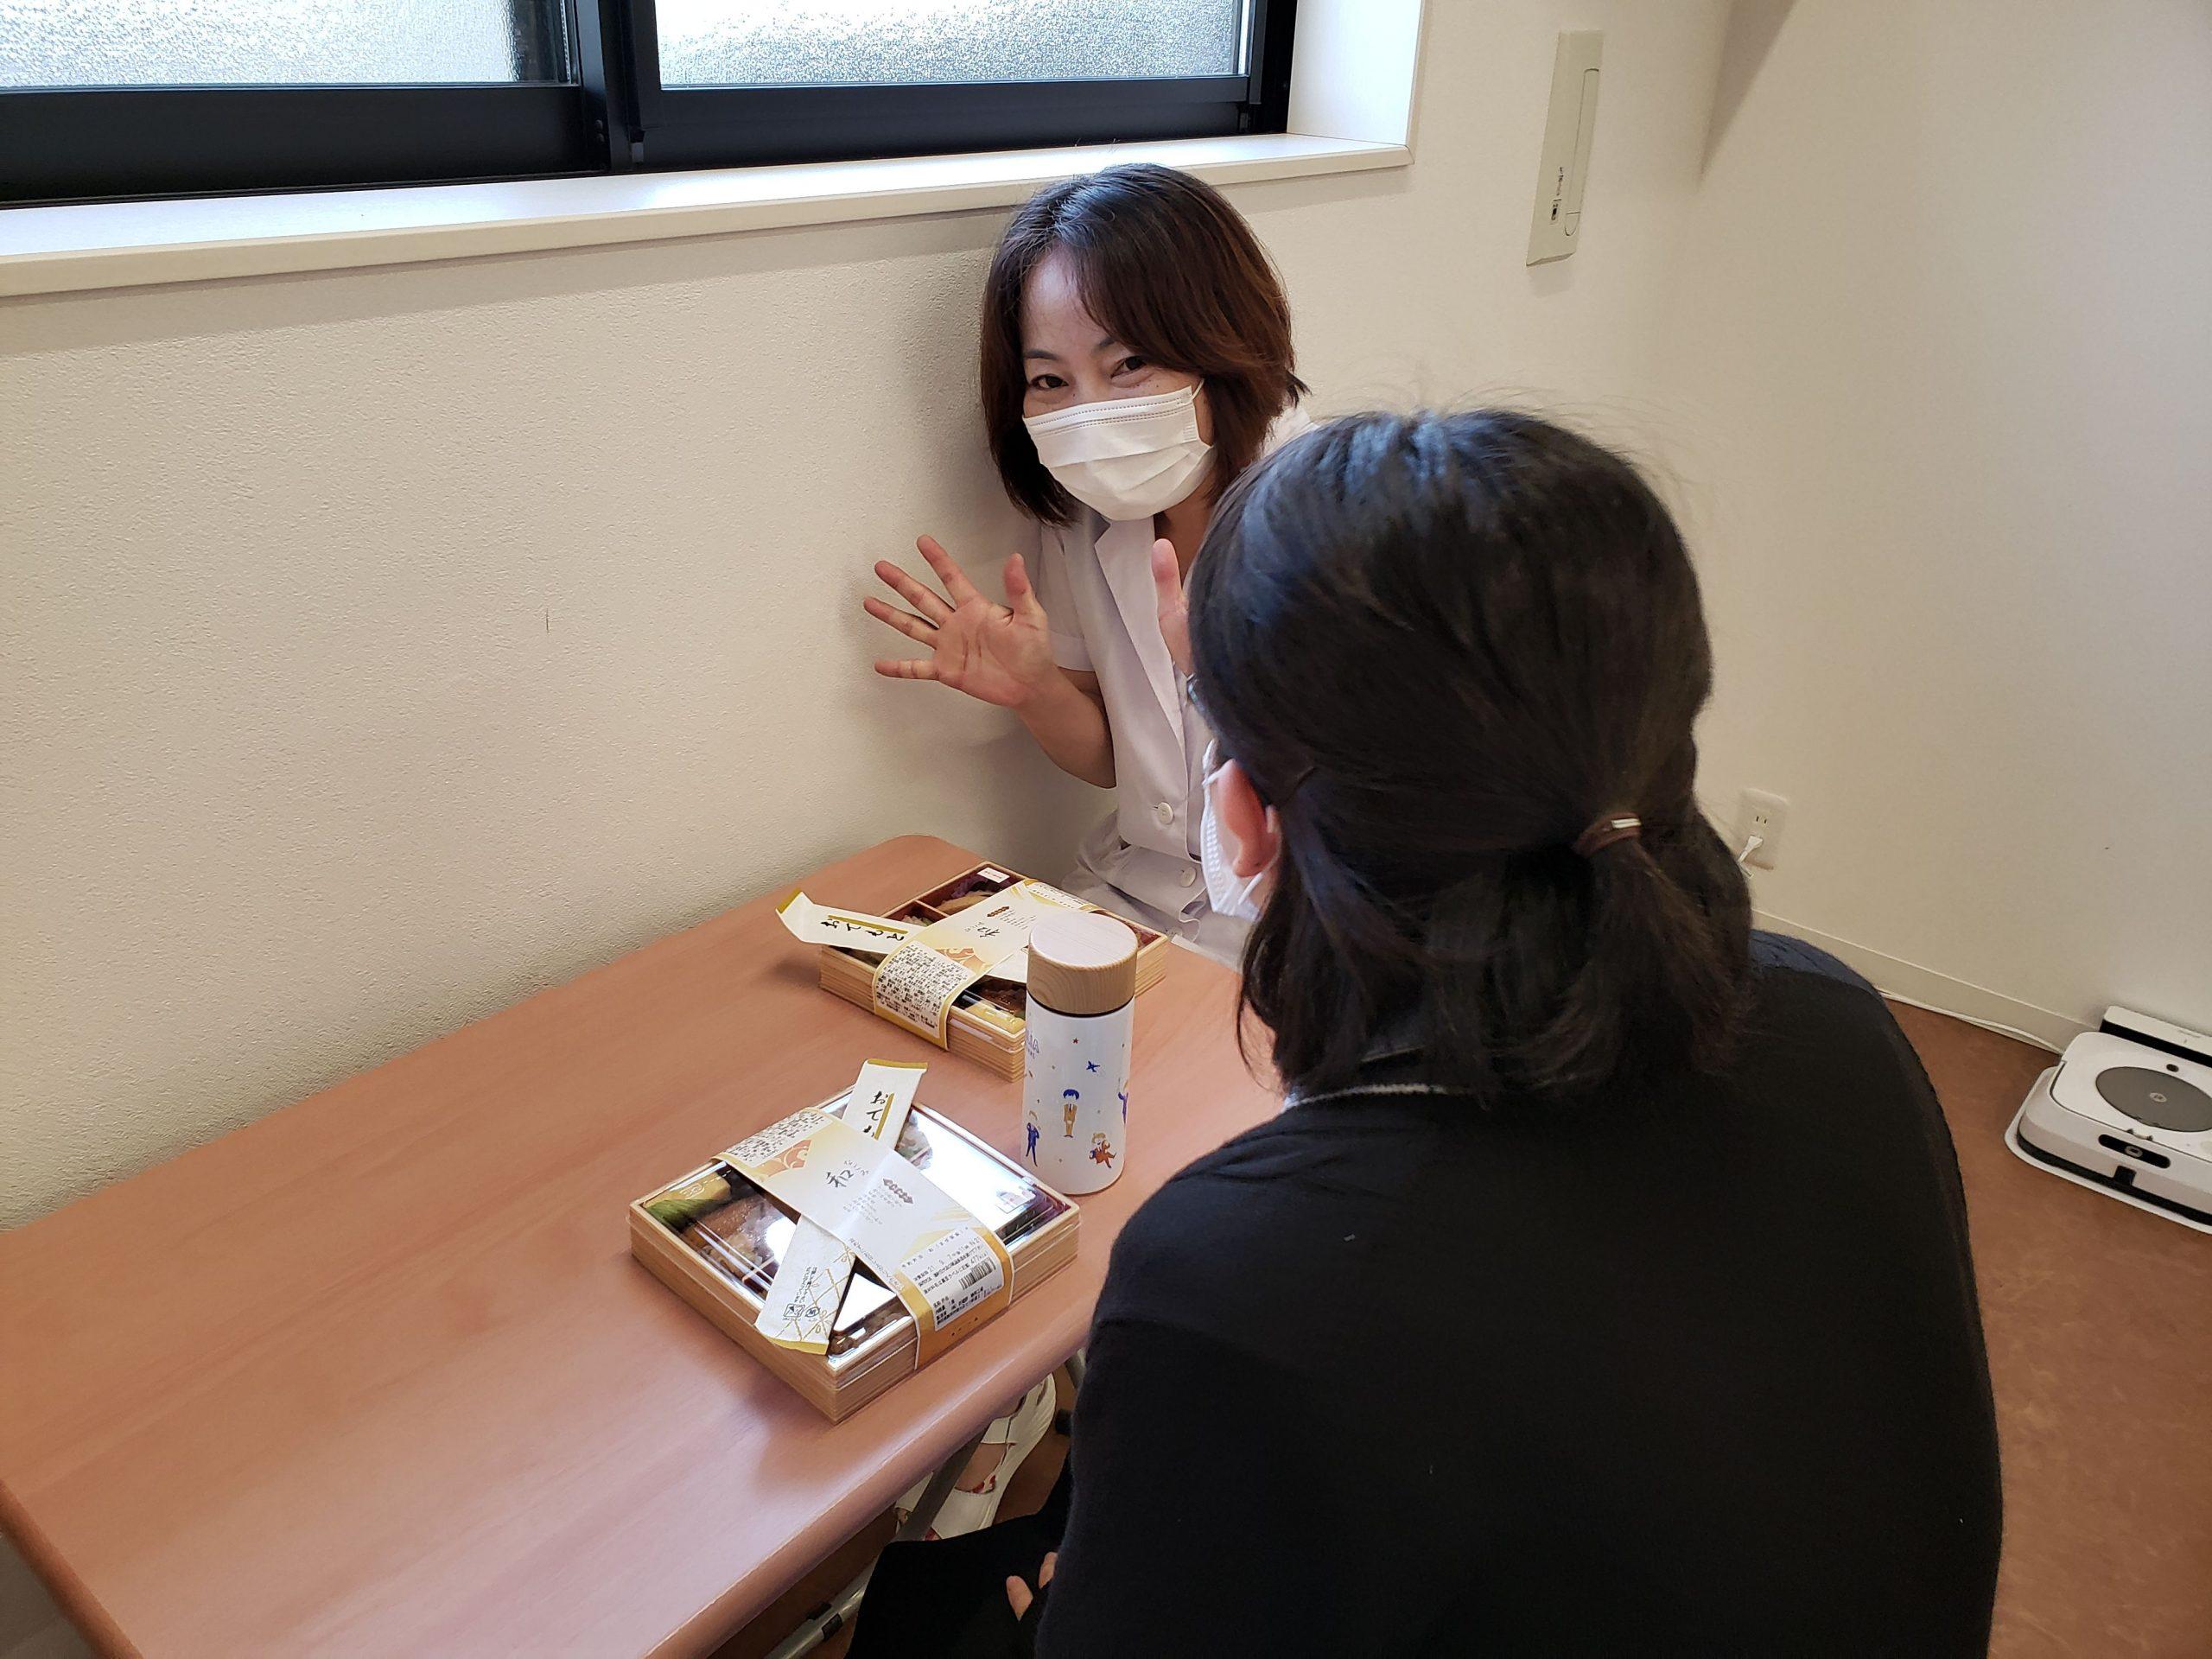 登録販売者の試験お疲れ様会を行いました。